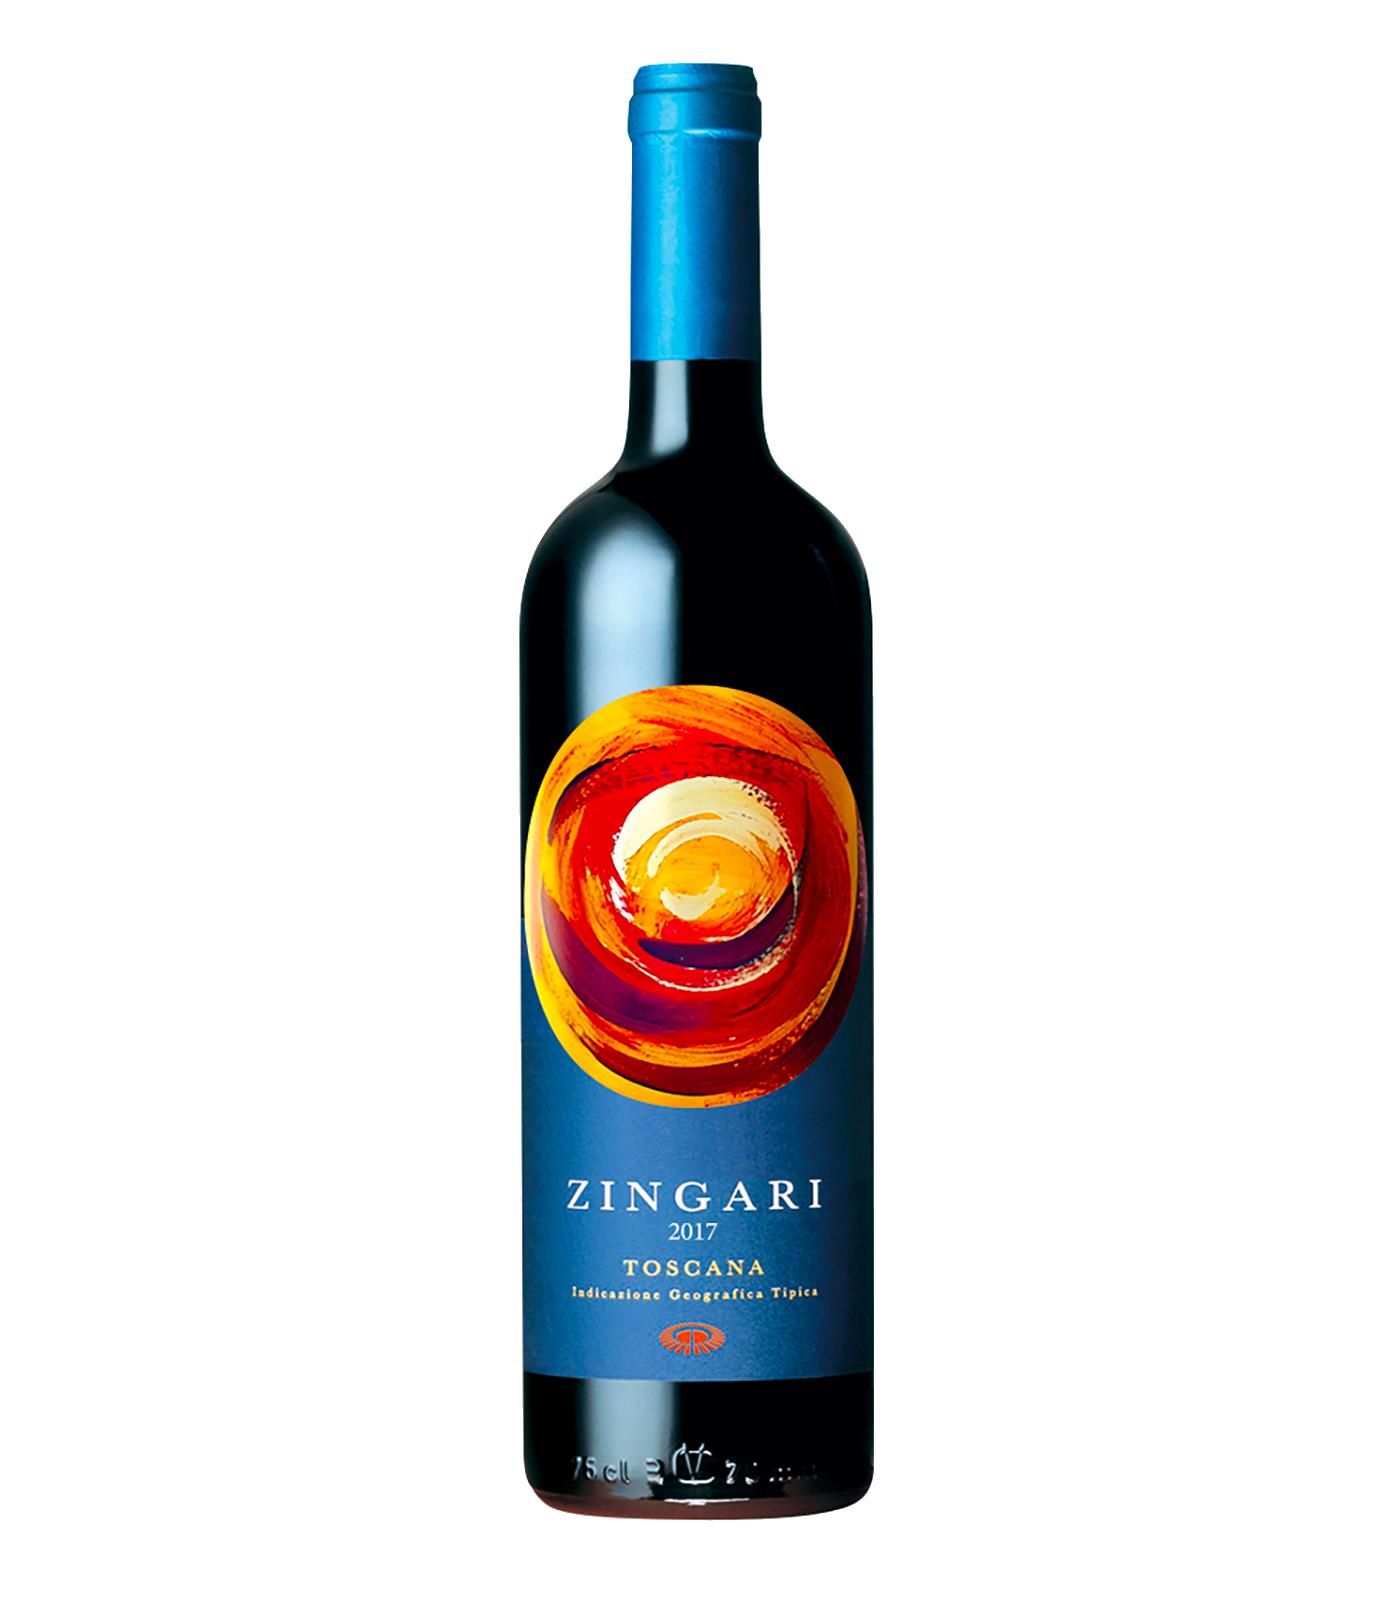 Zingari Toscana